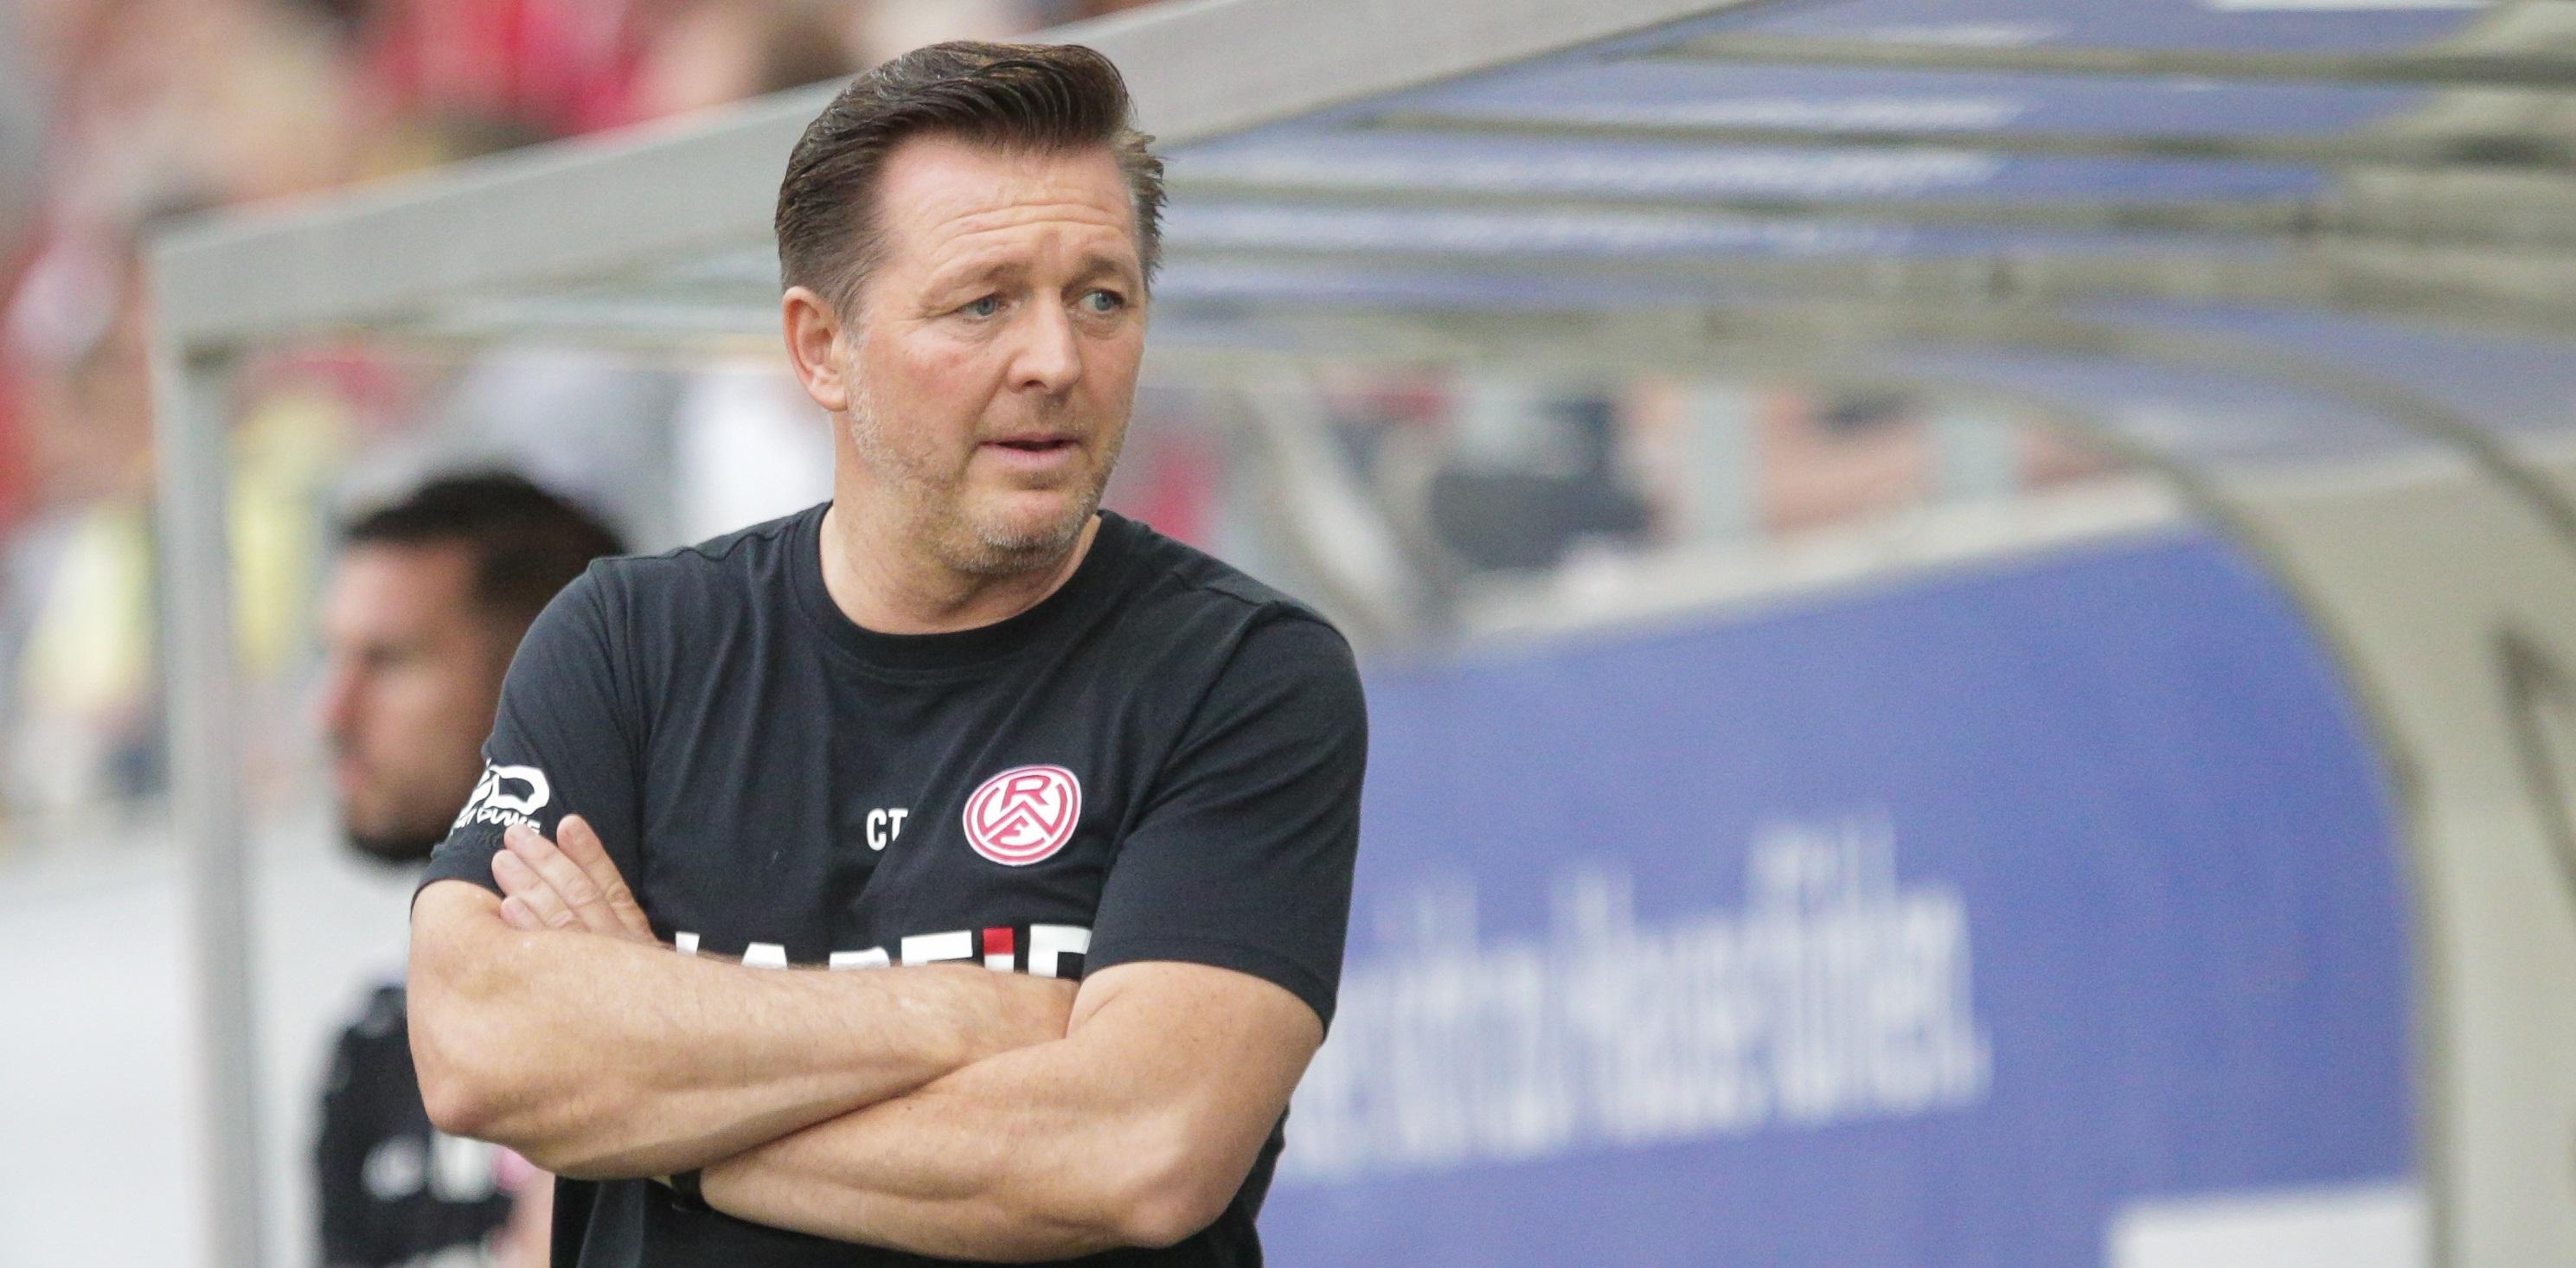 Christian Titz trifft mit seiner Mannschaft am morgigen Freitagabend auf den SV Lippstadt. (Foto: Endberg)